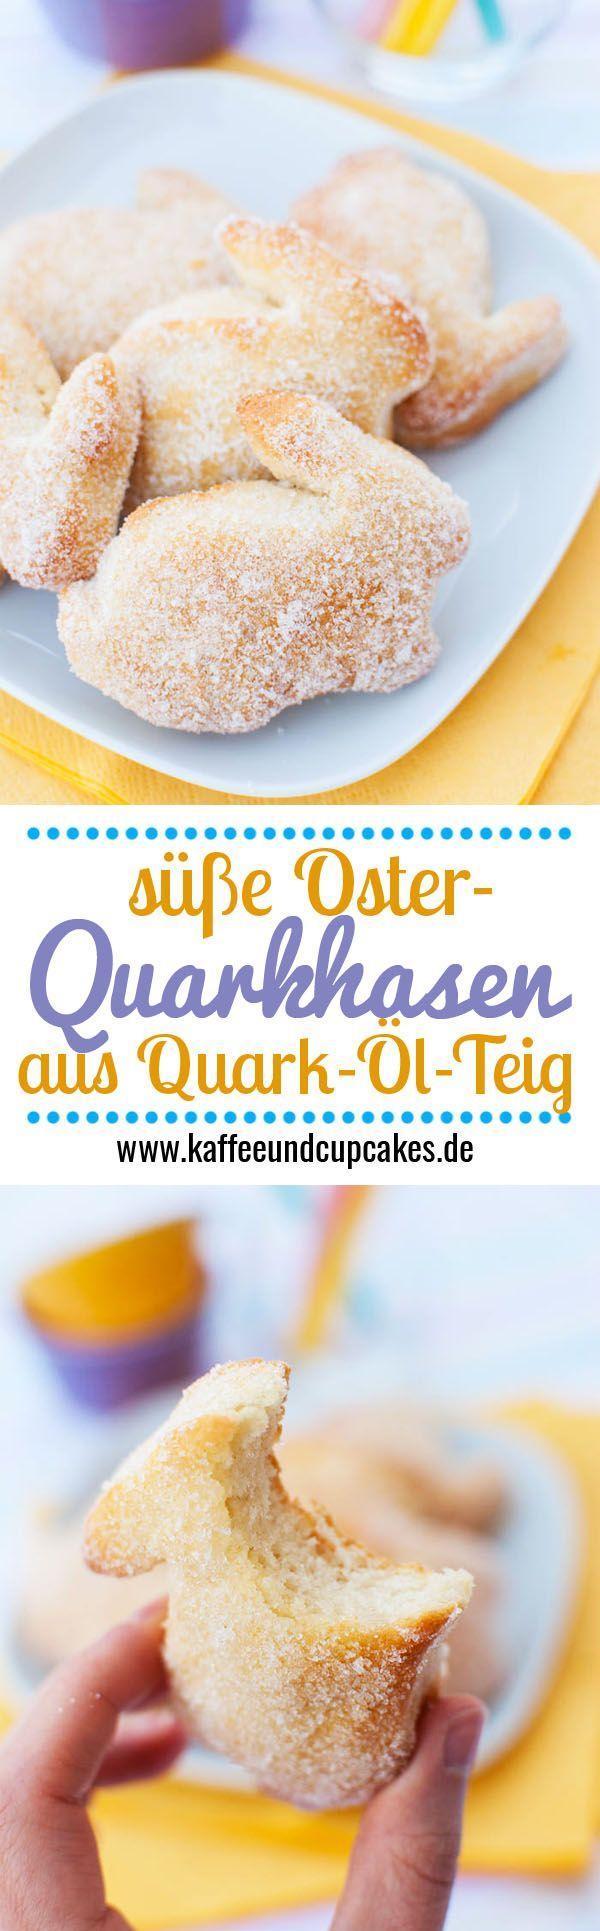 Süße Quarkhasen (Ostergebäck aus Quark-Öl-Teig) zum Ausstechen... - http://back-dein-brot-selber.de/brot-selber-backen-rezepte/suesse-quarkhasen-ostergebaeck-aus-quark-oel-teig-zum-ausstechen/